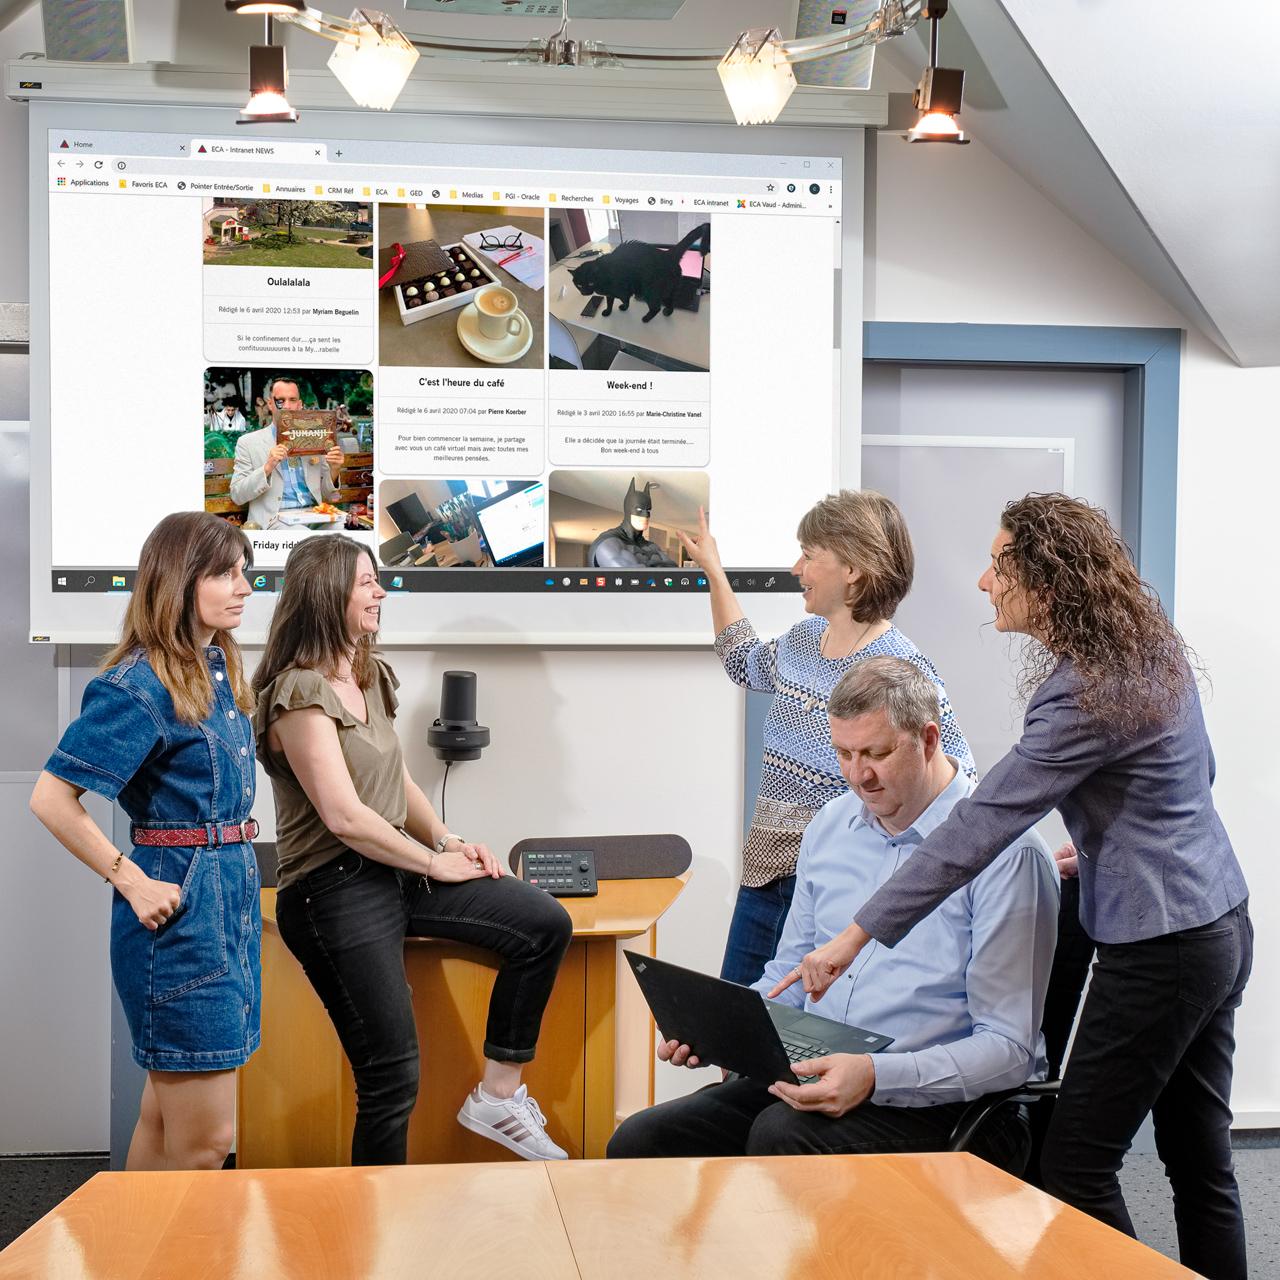 Afin d'avoir des nouvelles des uns et des autres pendant le semi-confinement, le service communication a mis sur pied, avec l'aide de l'équipe web, une plateforme intranet sur laquelle le personnel pouvait faire part de son «quotidien semi-confiné» en images.